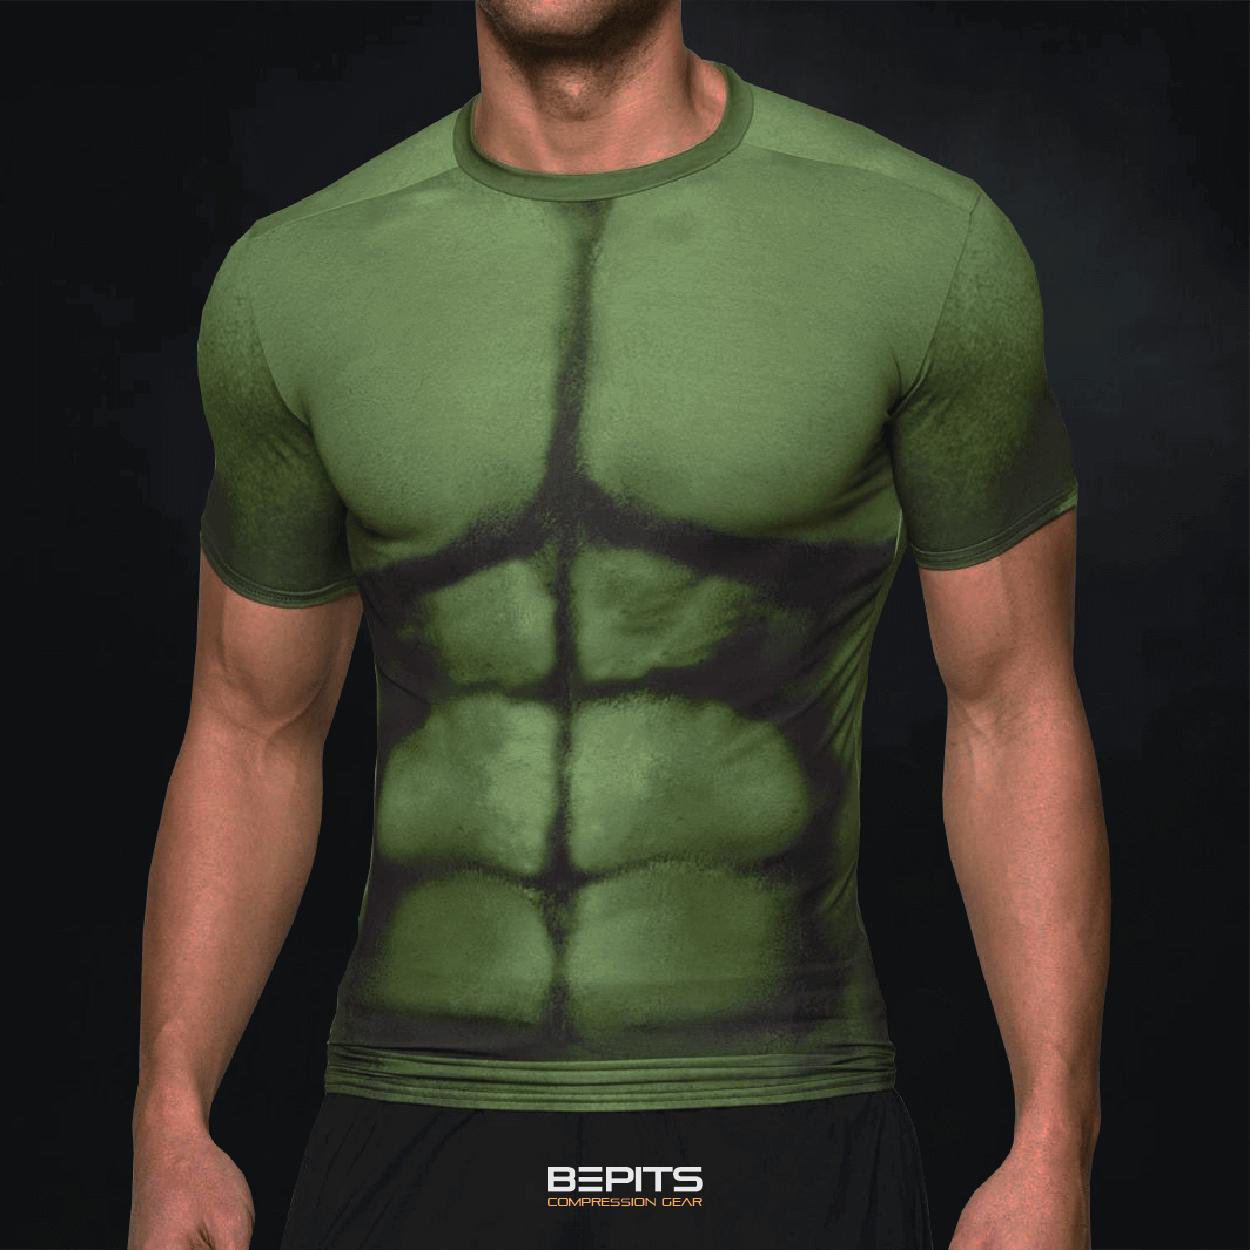 เสื้อกระชับกล้ามเนื้อ Bepits